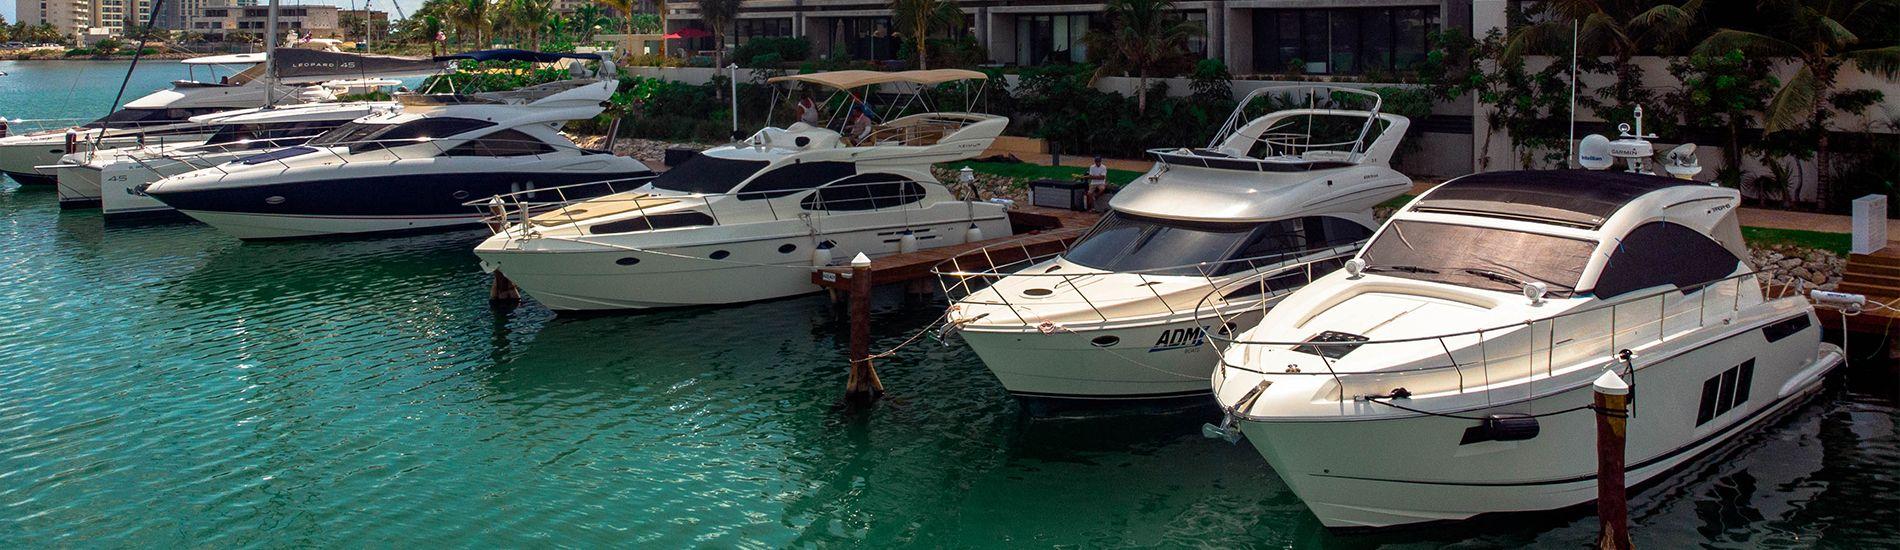 Ven y cotiza en Marina Muelle 7 Cancún.